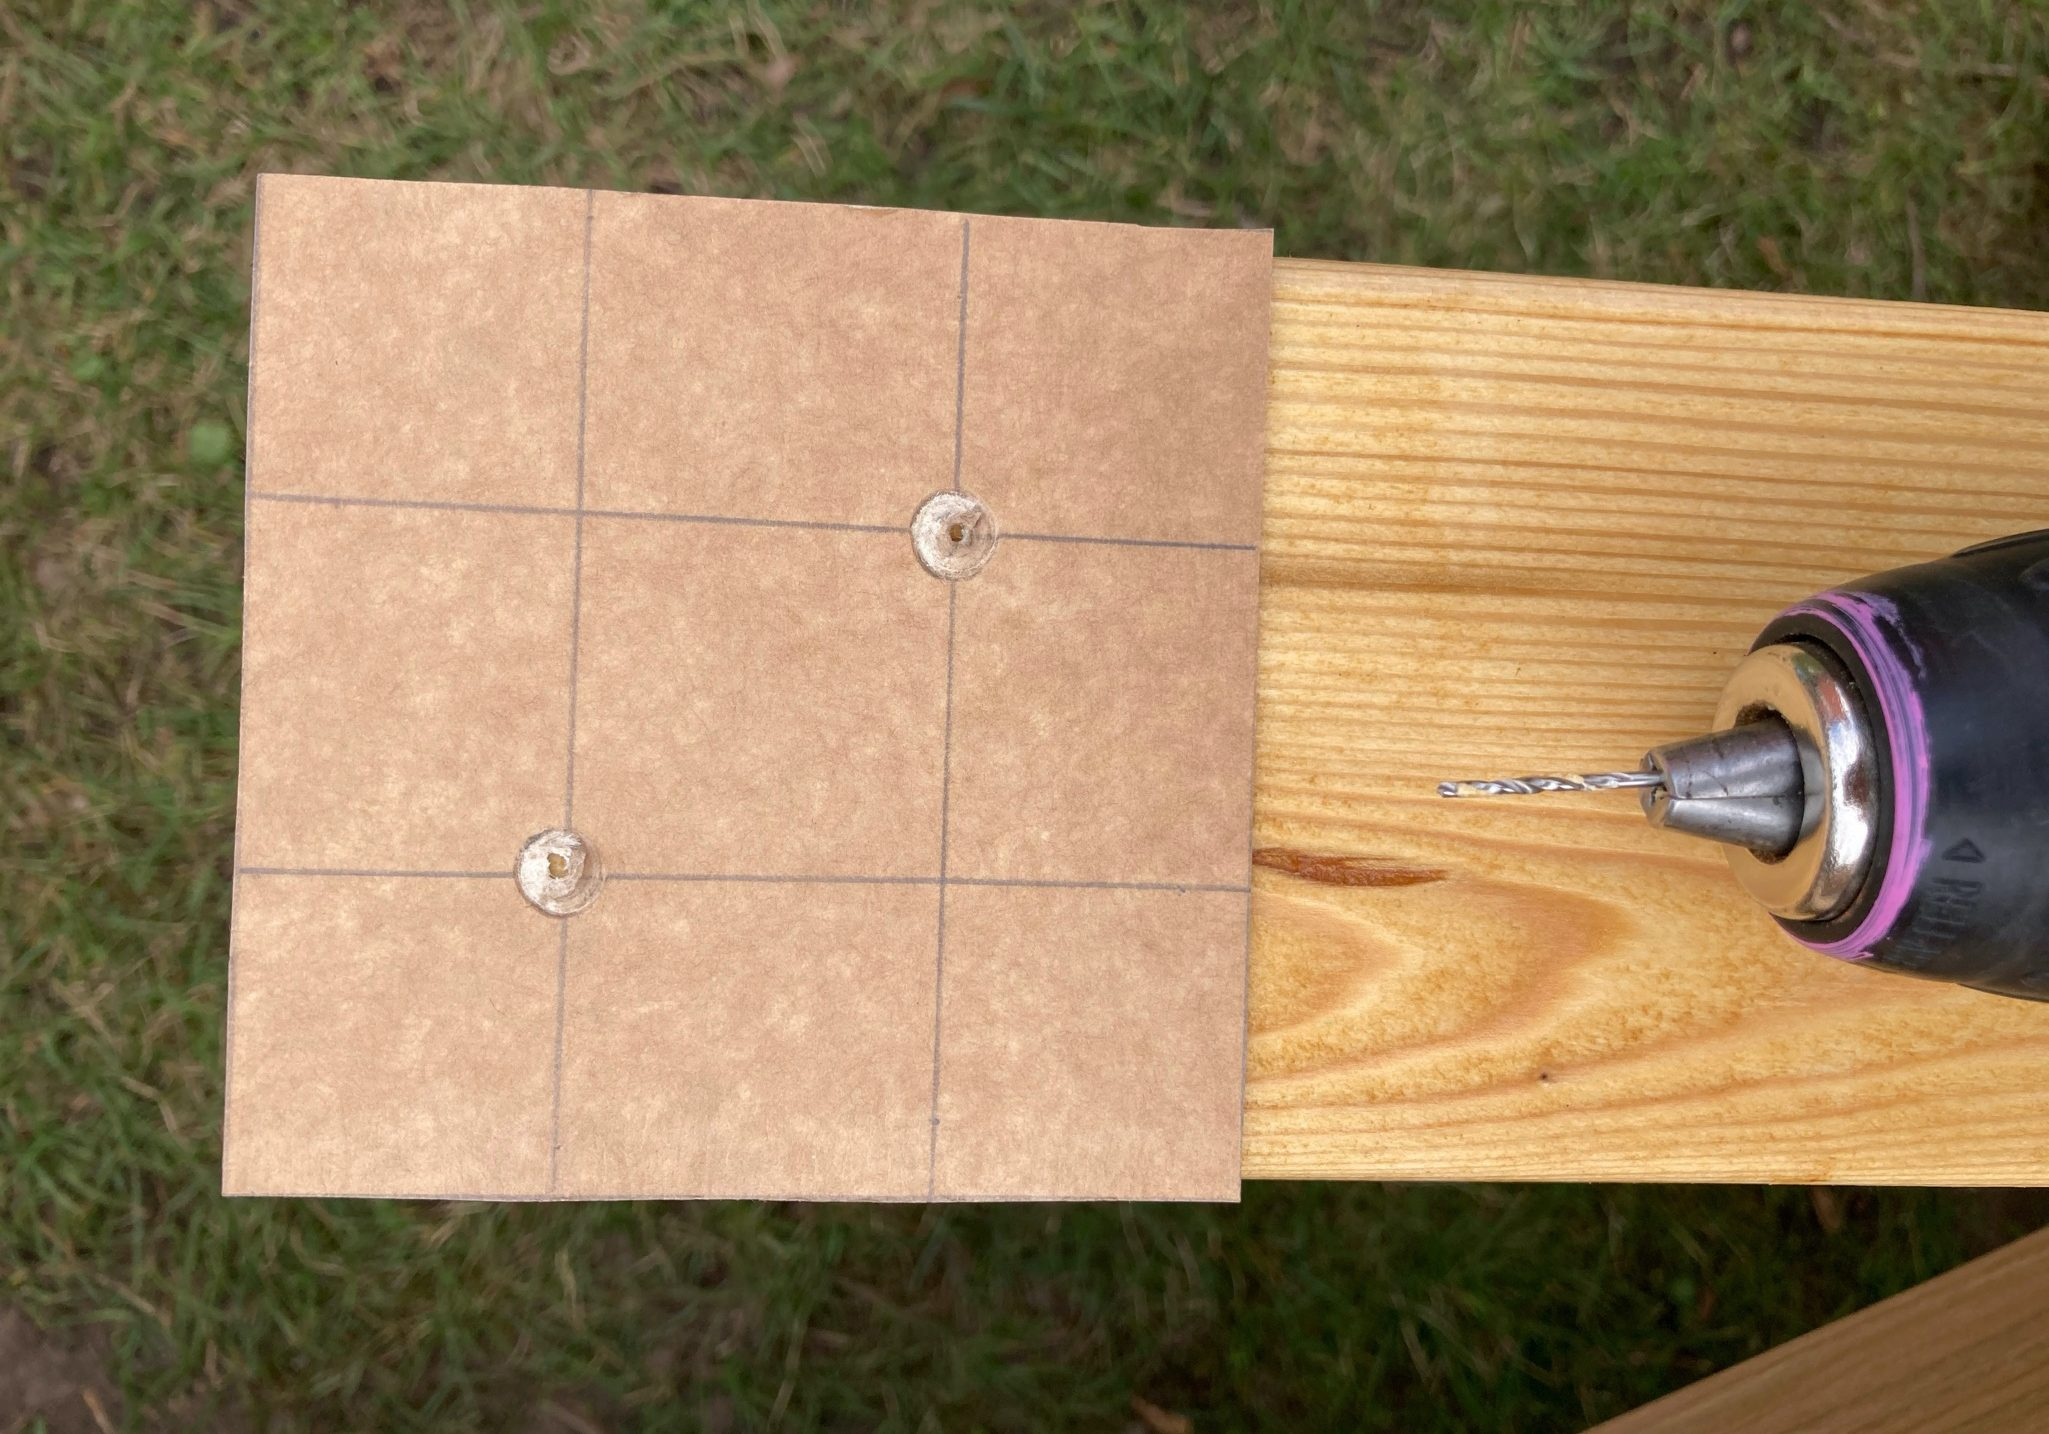 Lav en skabelon og forbor i hullerne. Så sidder skruerne pænt.